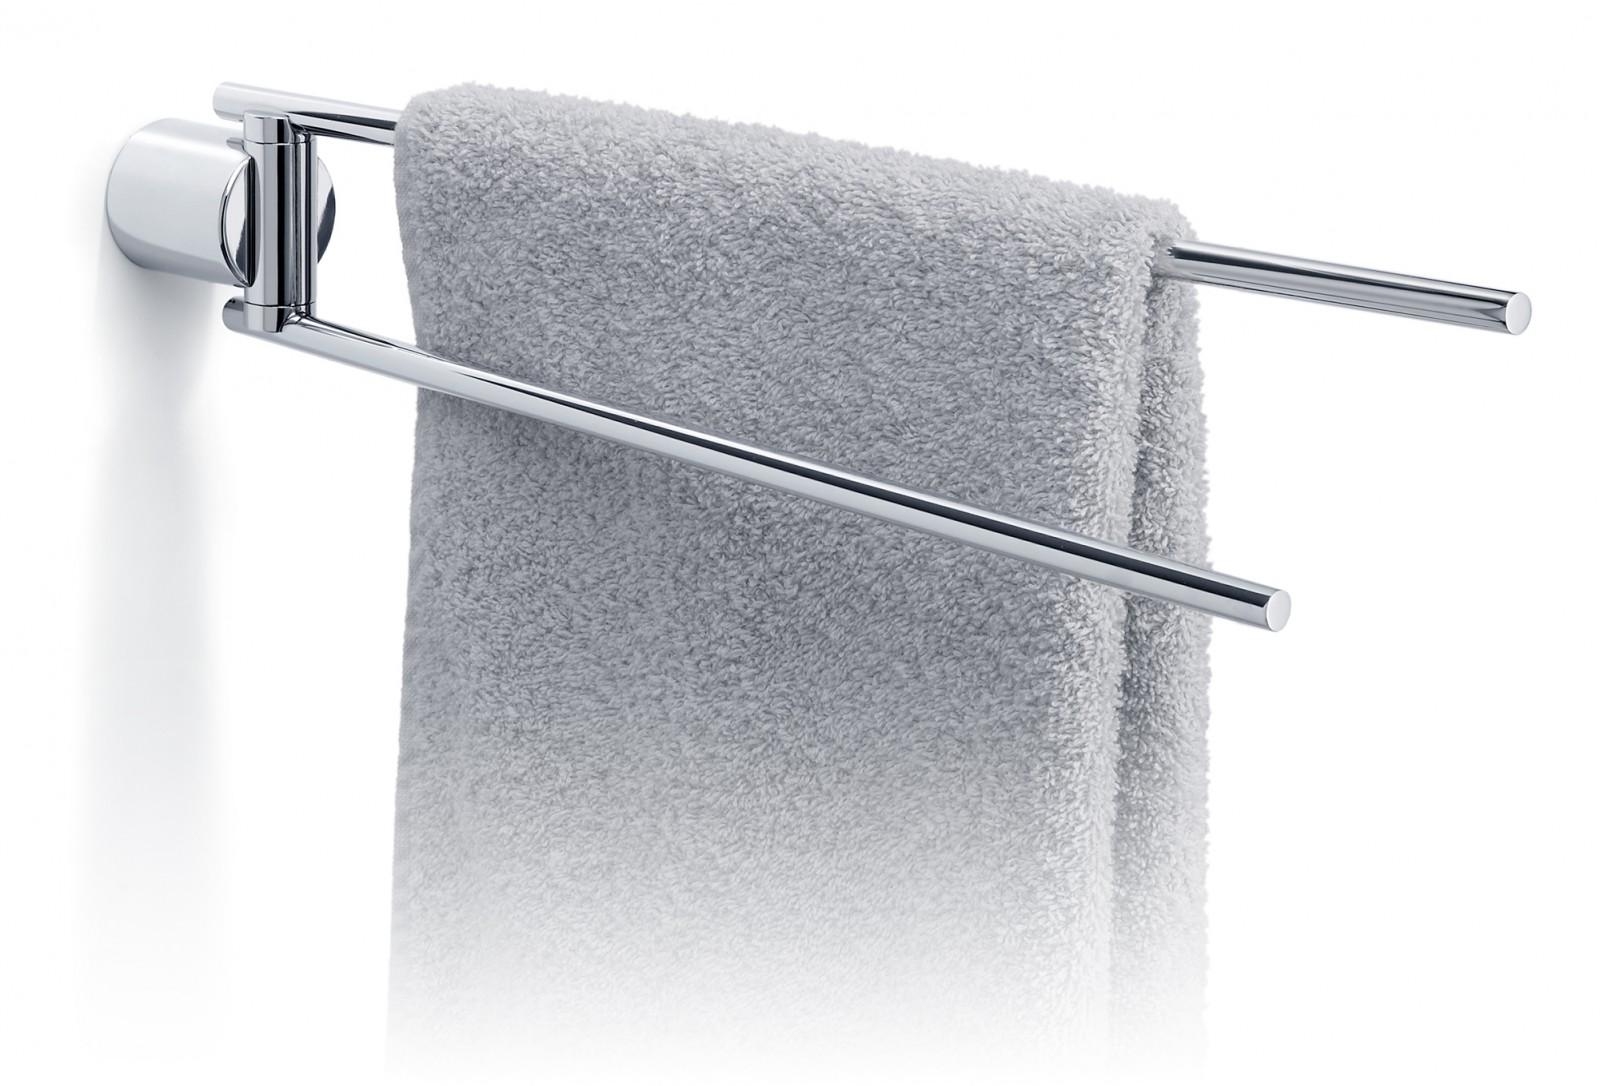 BLOMUS Edelstahl Handtuchhalter Handtuchstange poliert